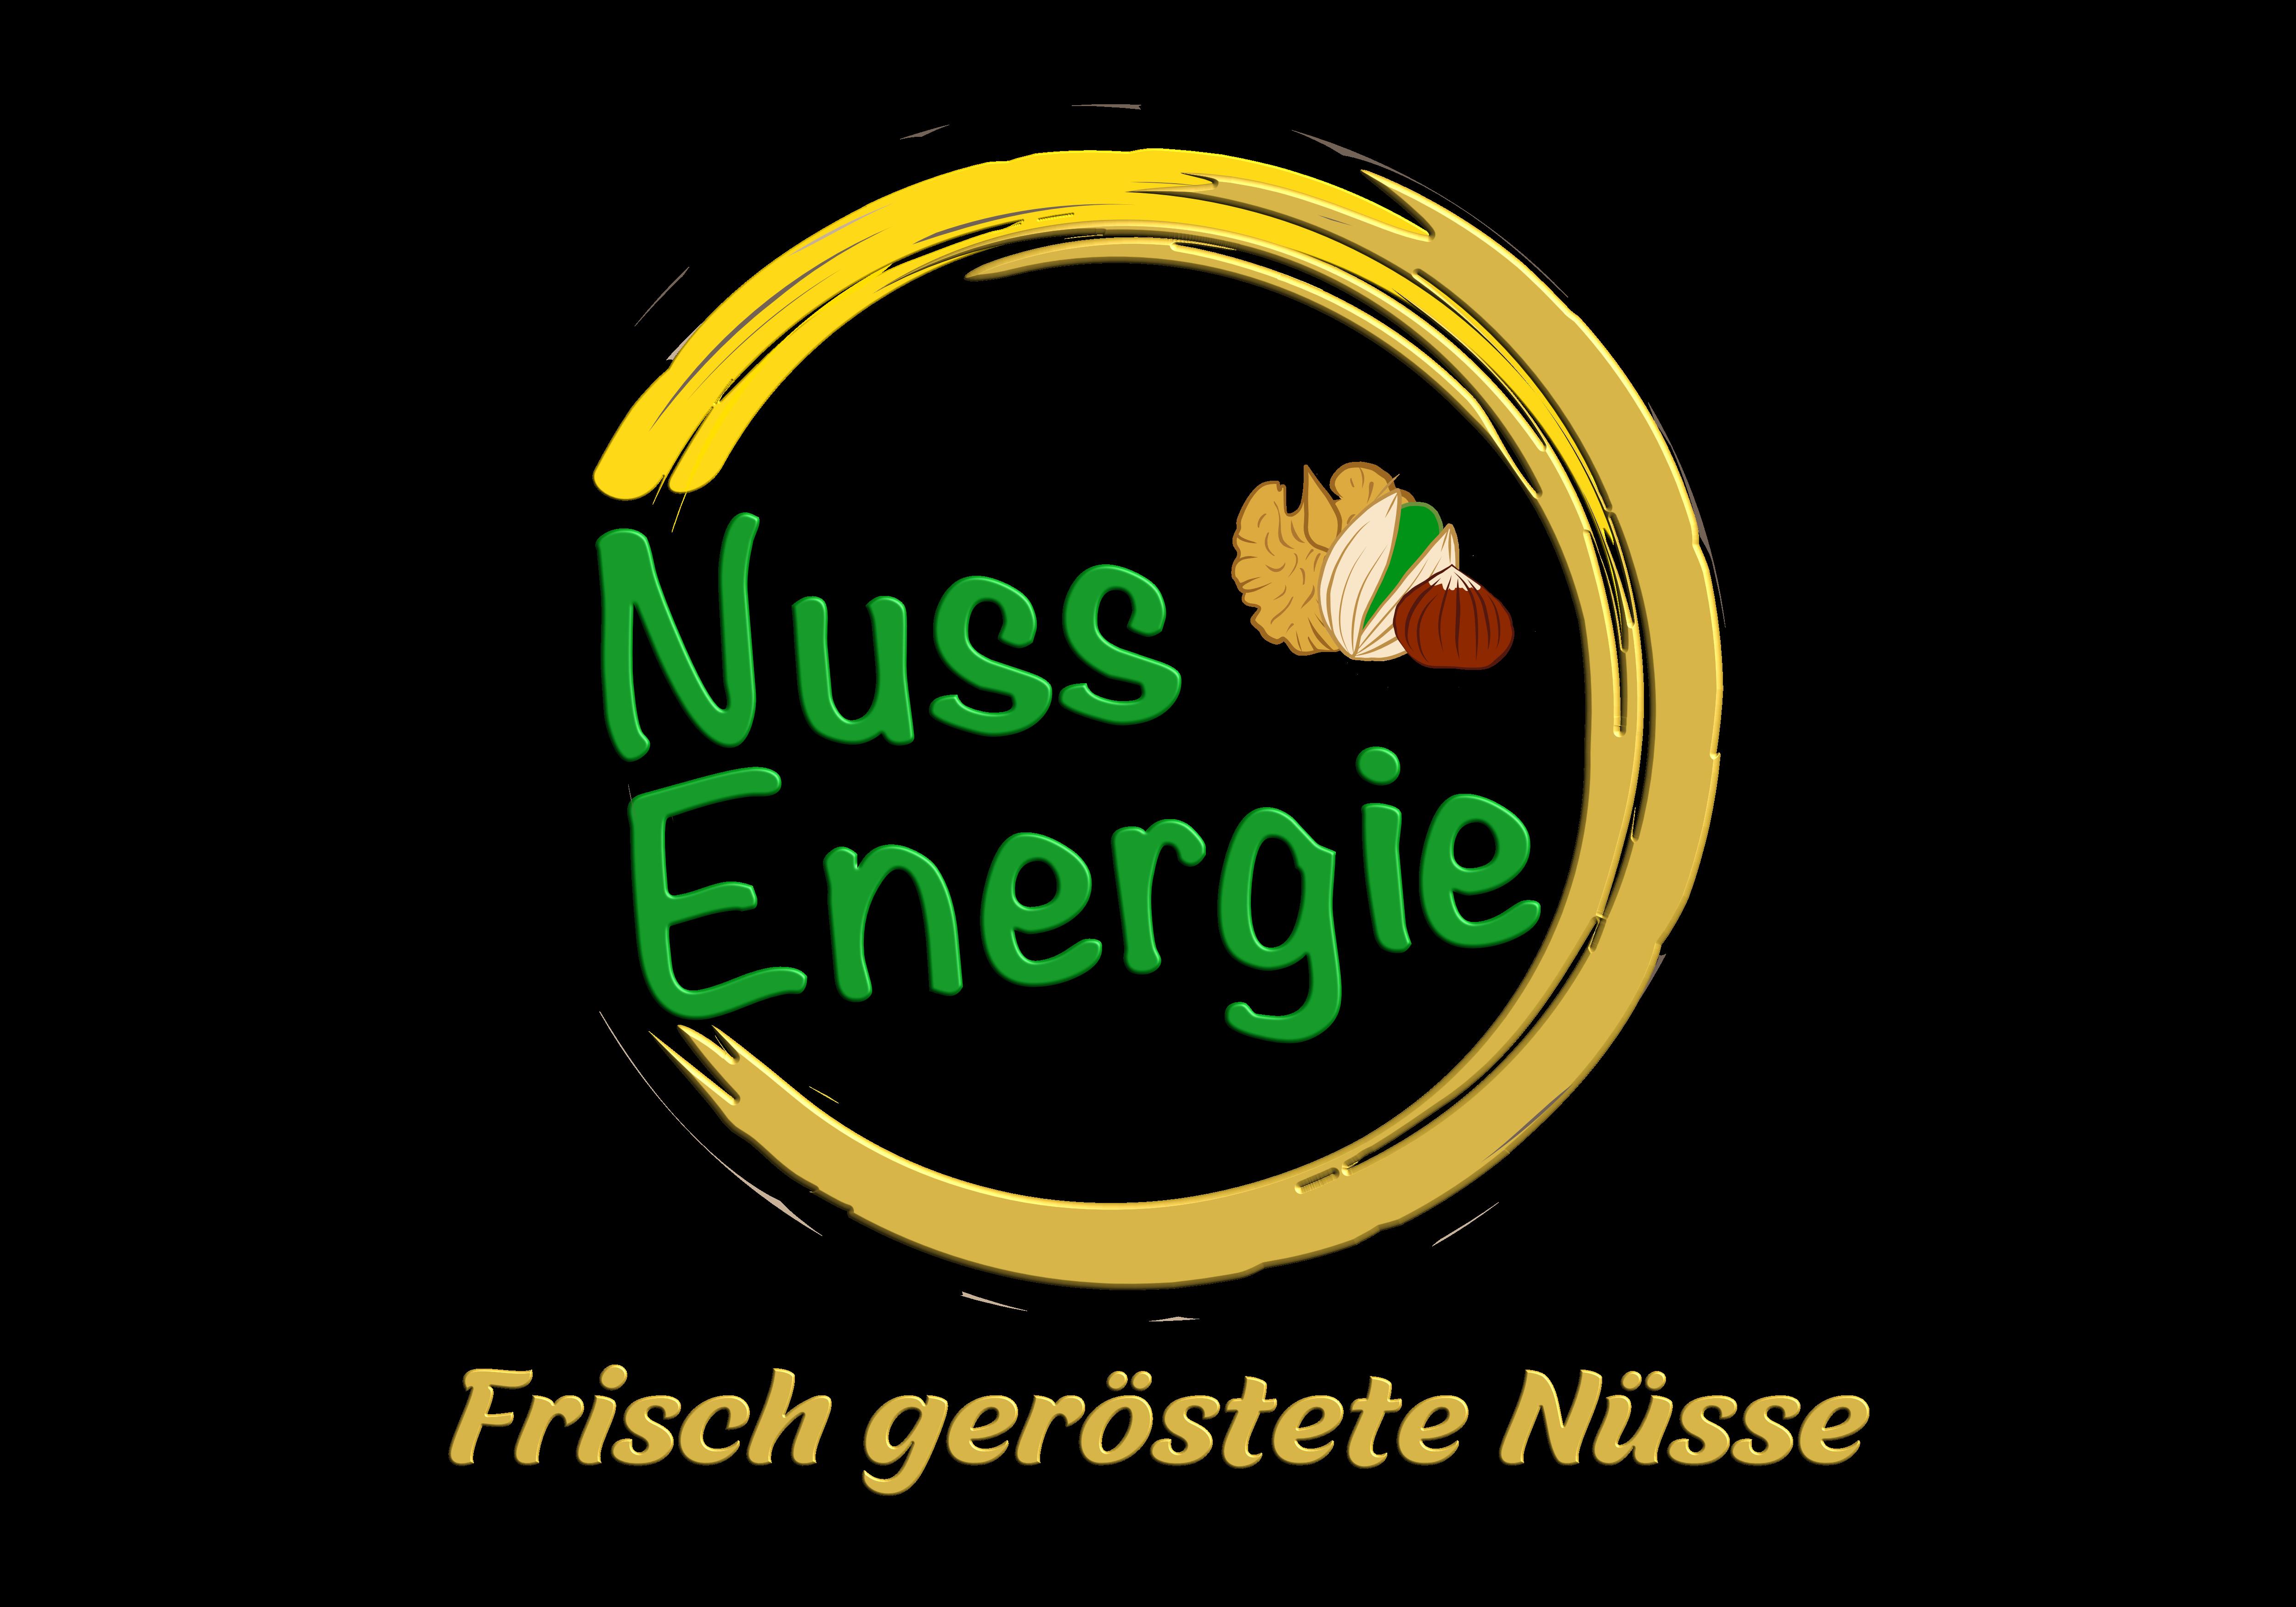 Nuss Energie transparent